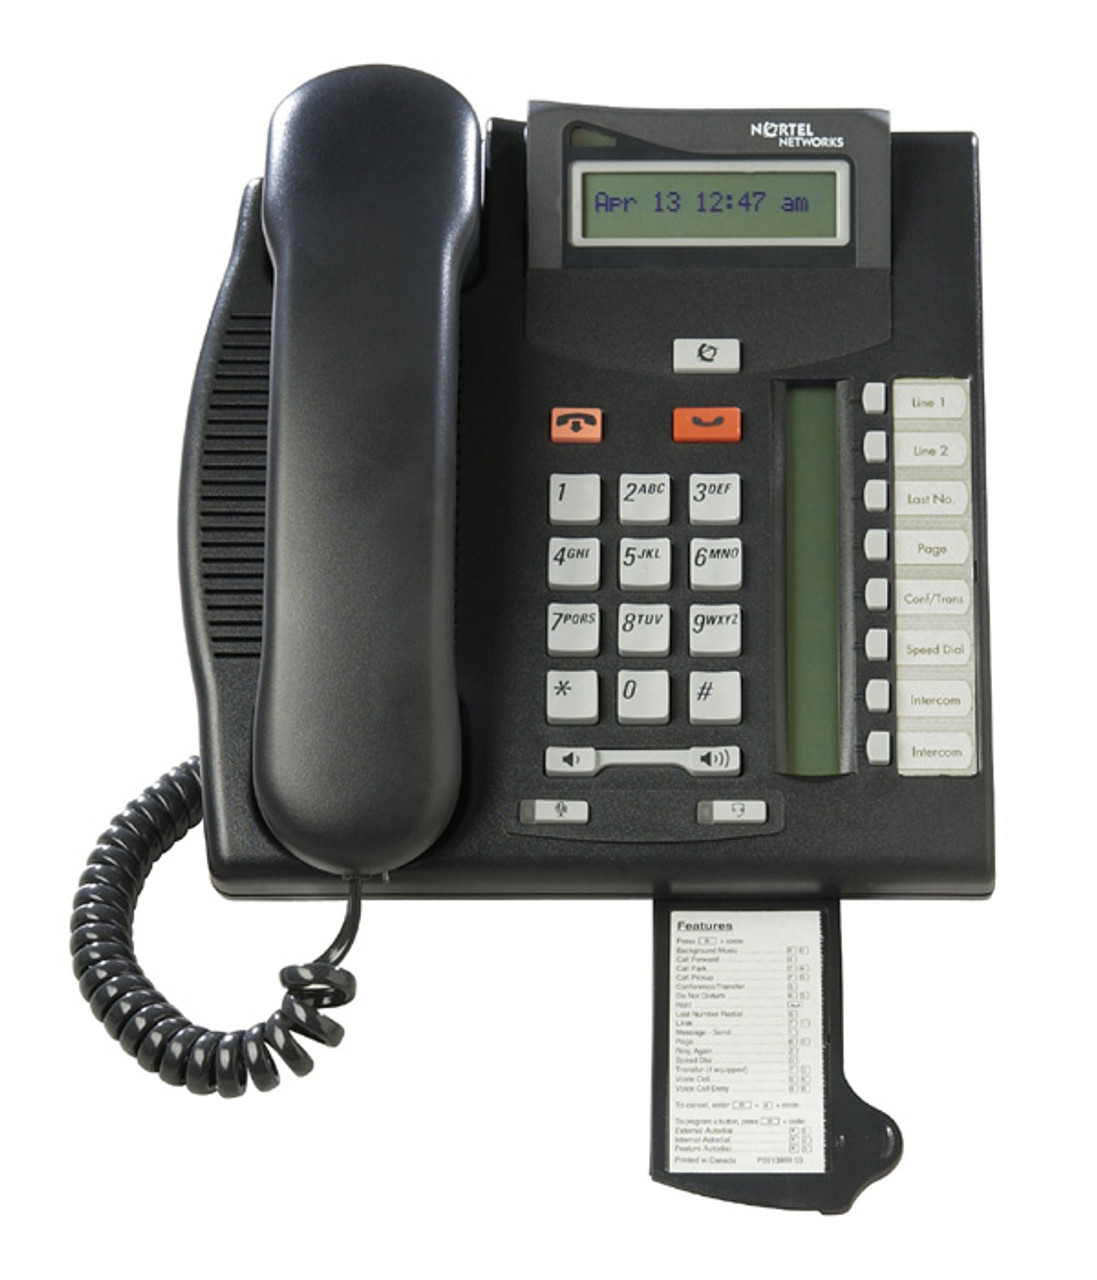 Nortel Norstar BST T7208 Digital Phone - GRADE A